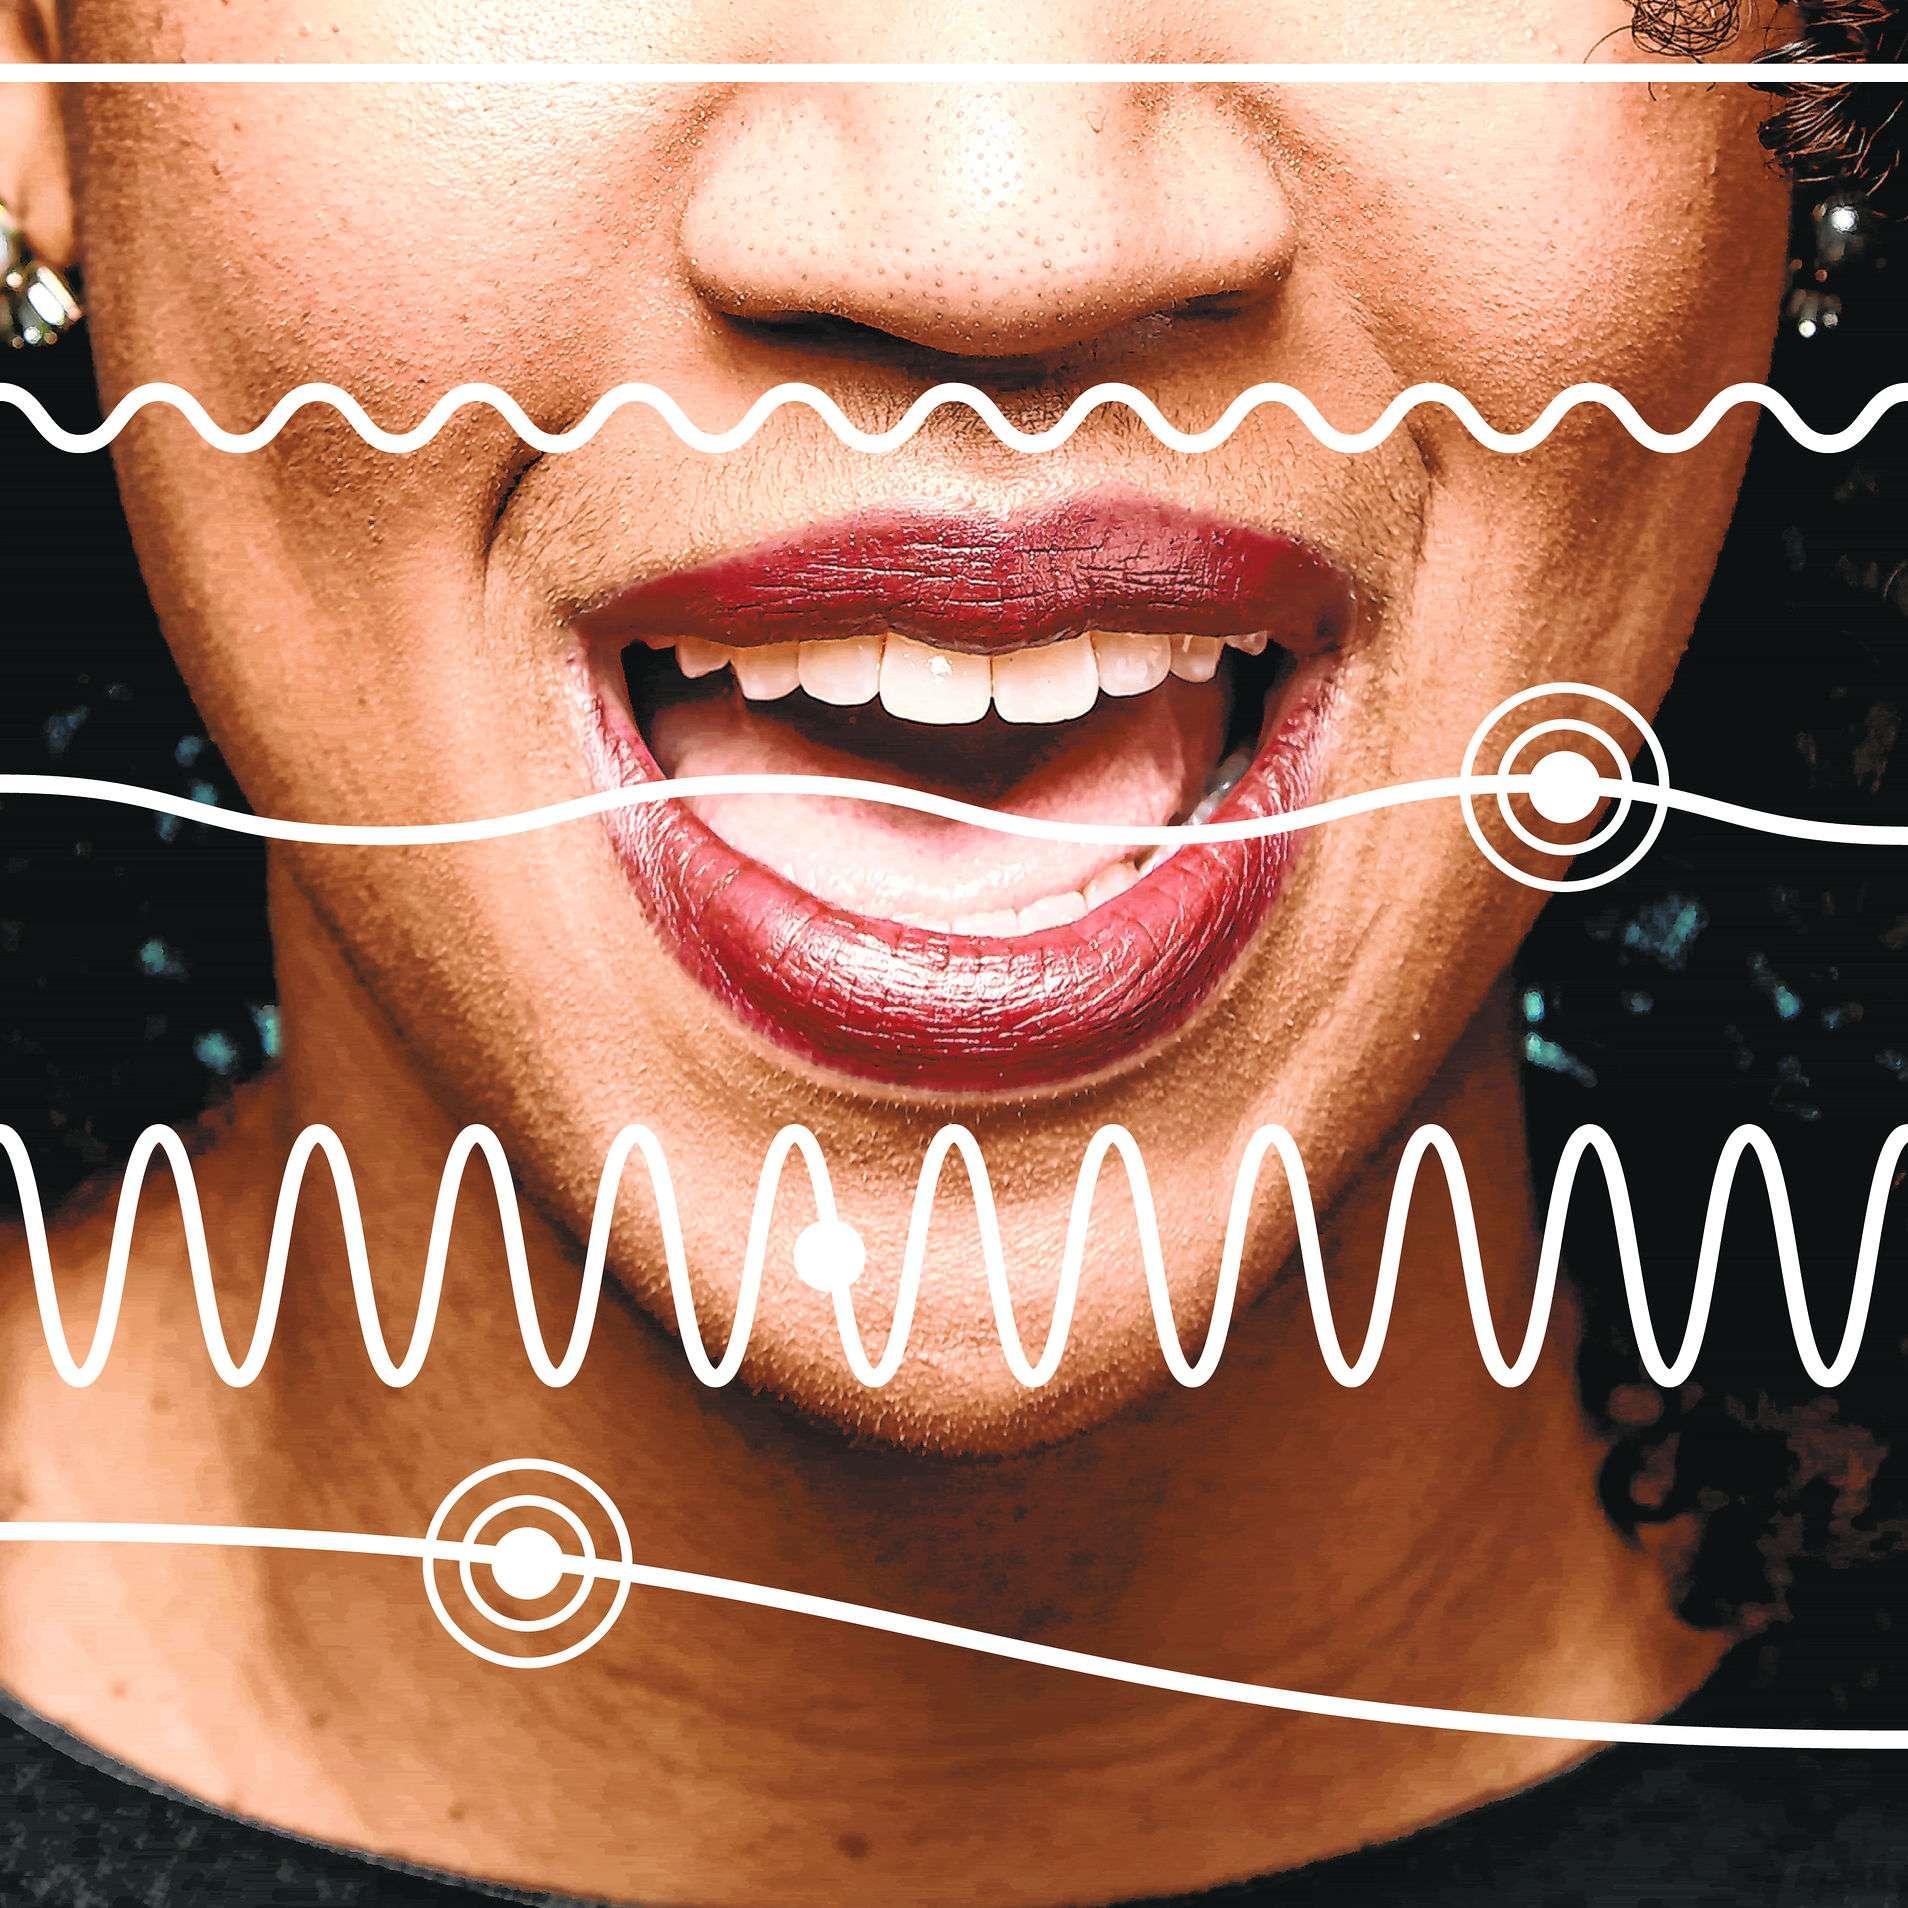 वैज्ञानिकों ने बनाया ऐसा उपकरण जो आवाज से पहचान लेगा कोरोना वायरस